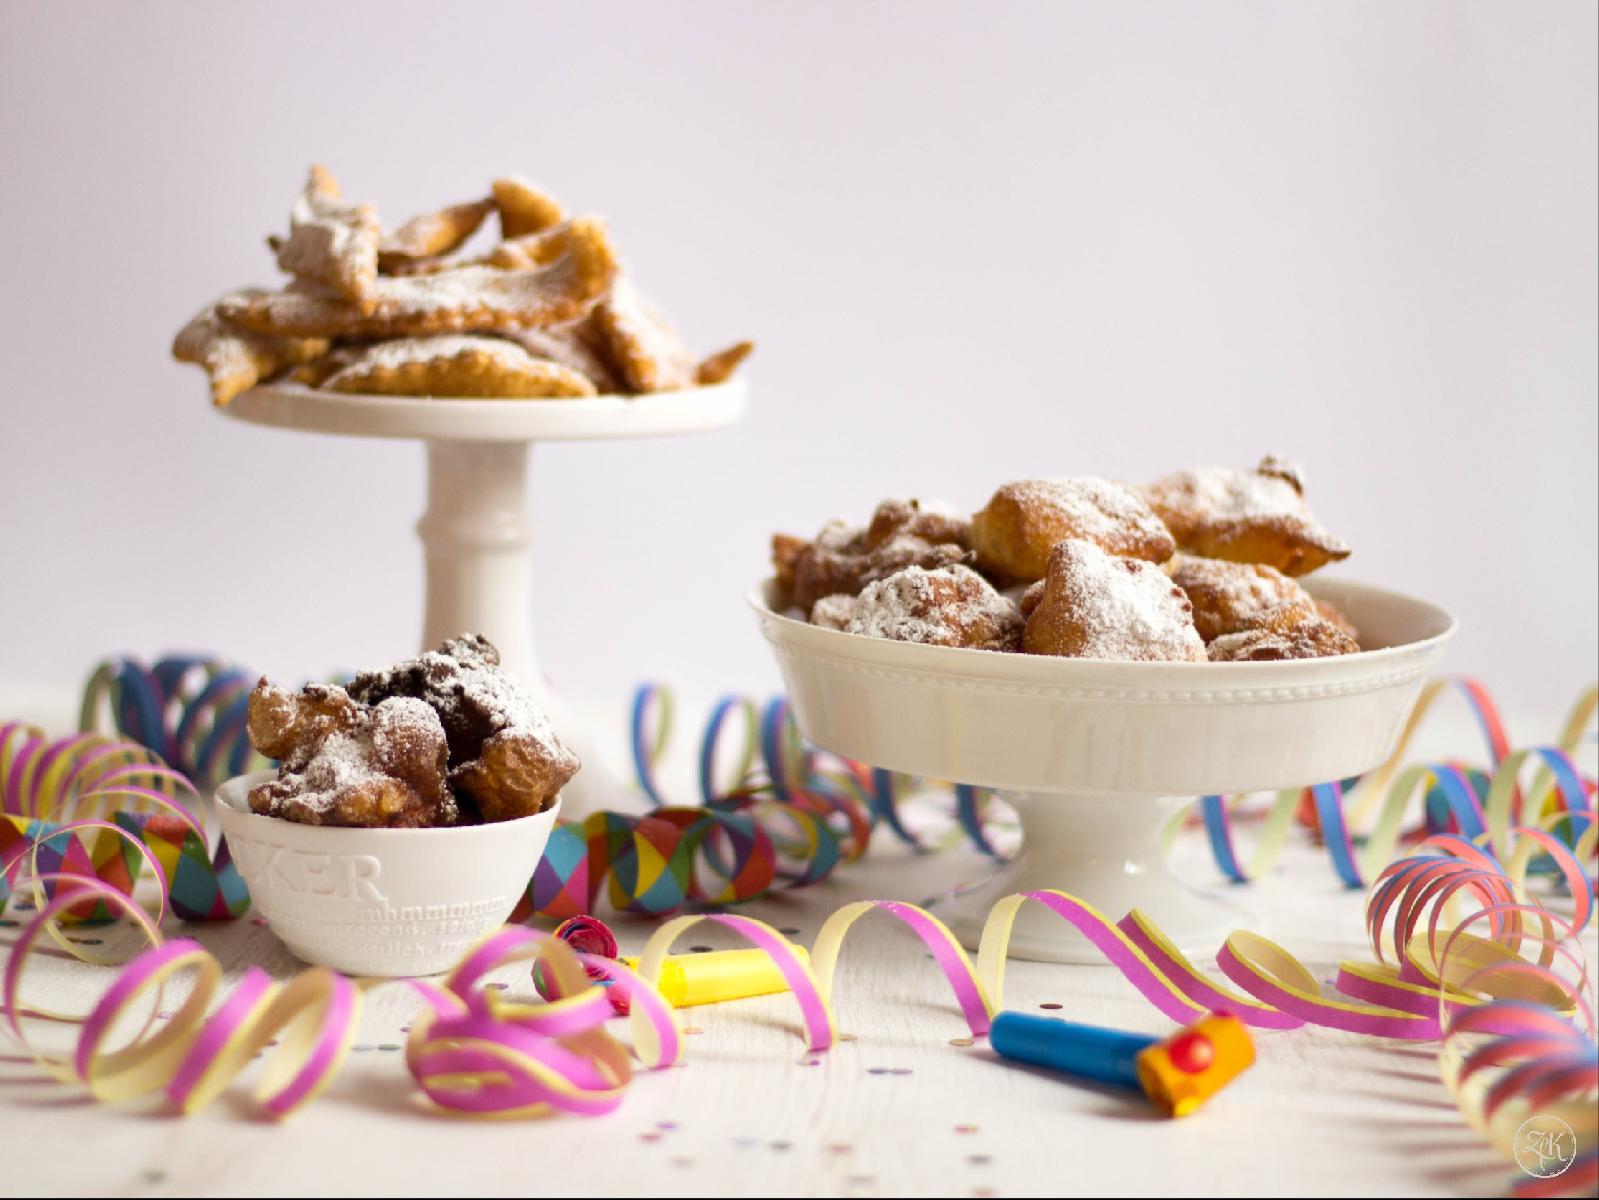 Willkommen Karneval - mein Sweet-Table für die fünfte Jahreszeit